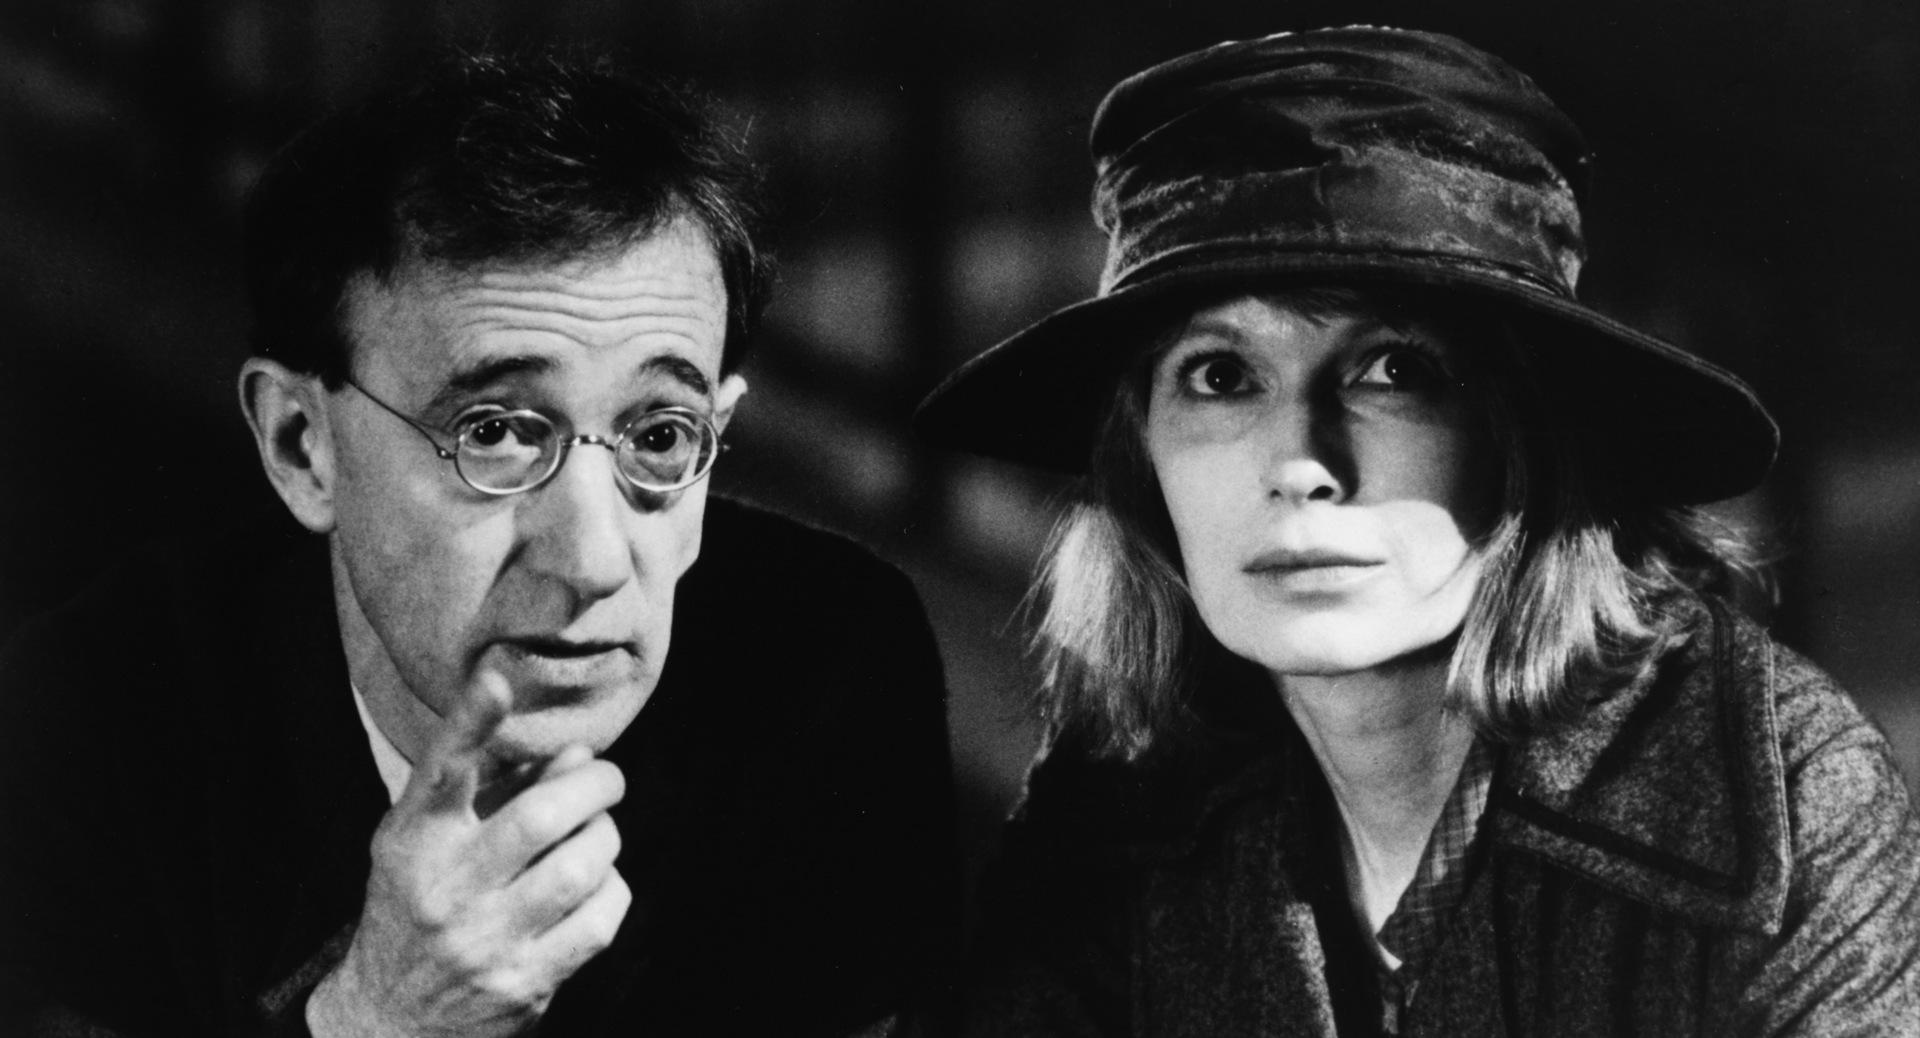 Director Focus: Woody Allen